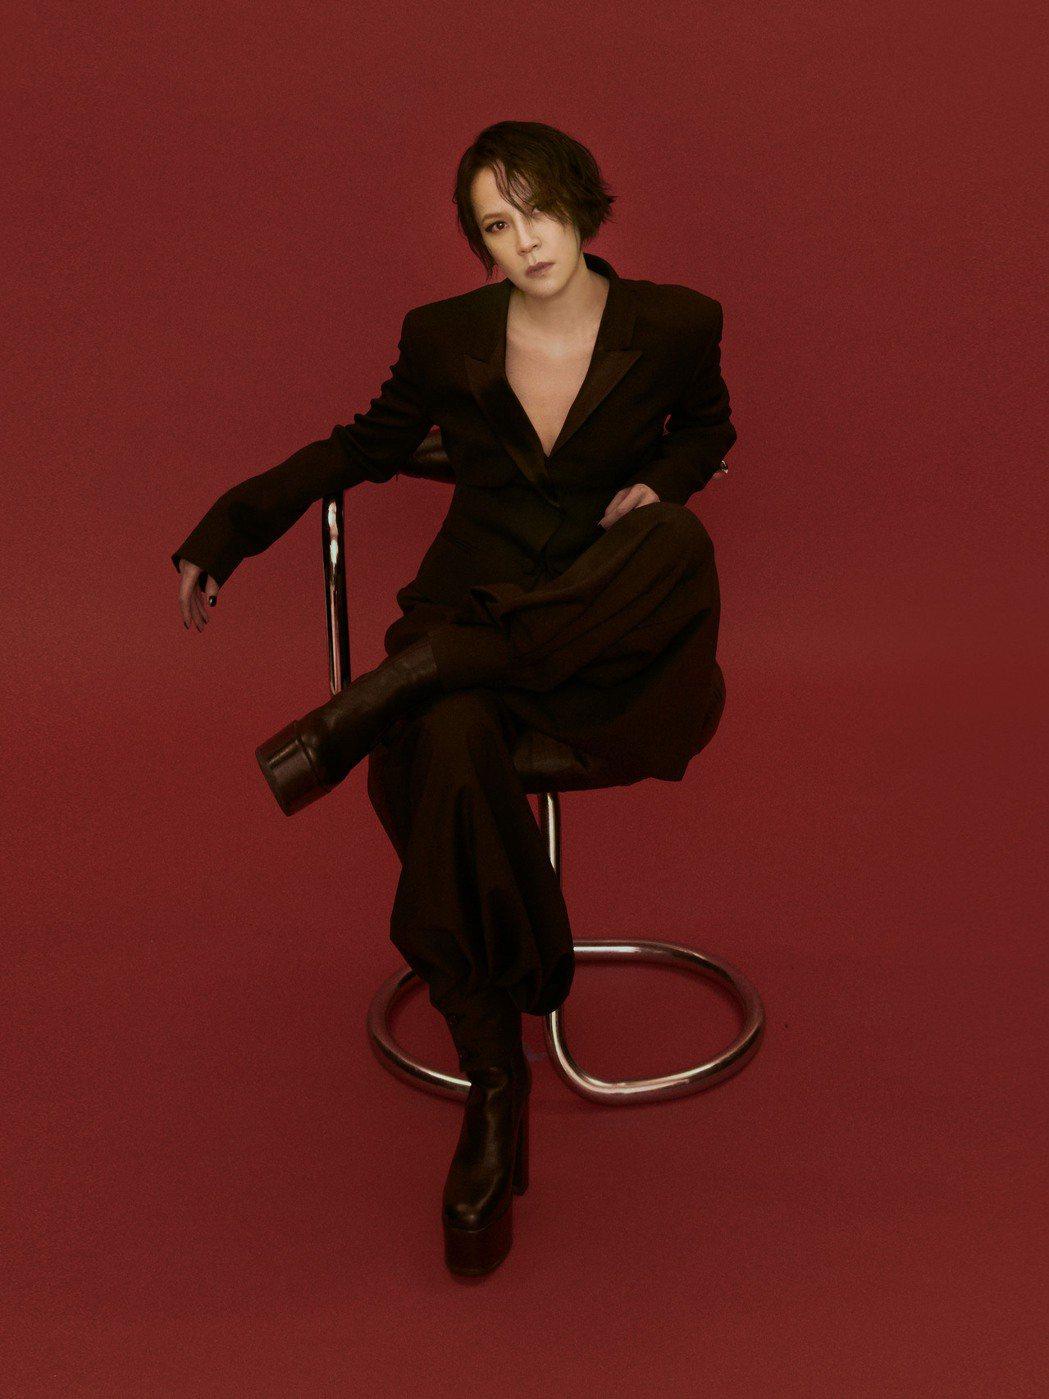 楊乃文以全黑裝扮拍攝演唱會主視覺。圖/亞神音樂提供